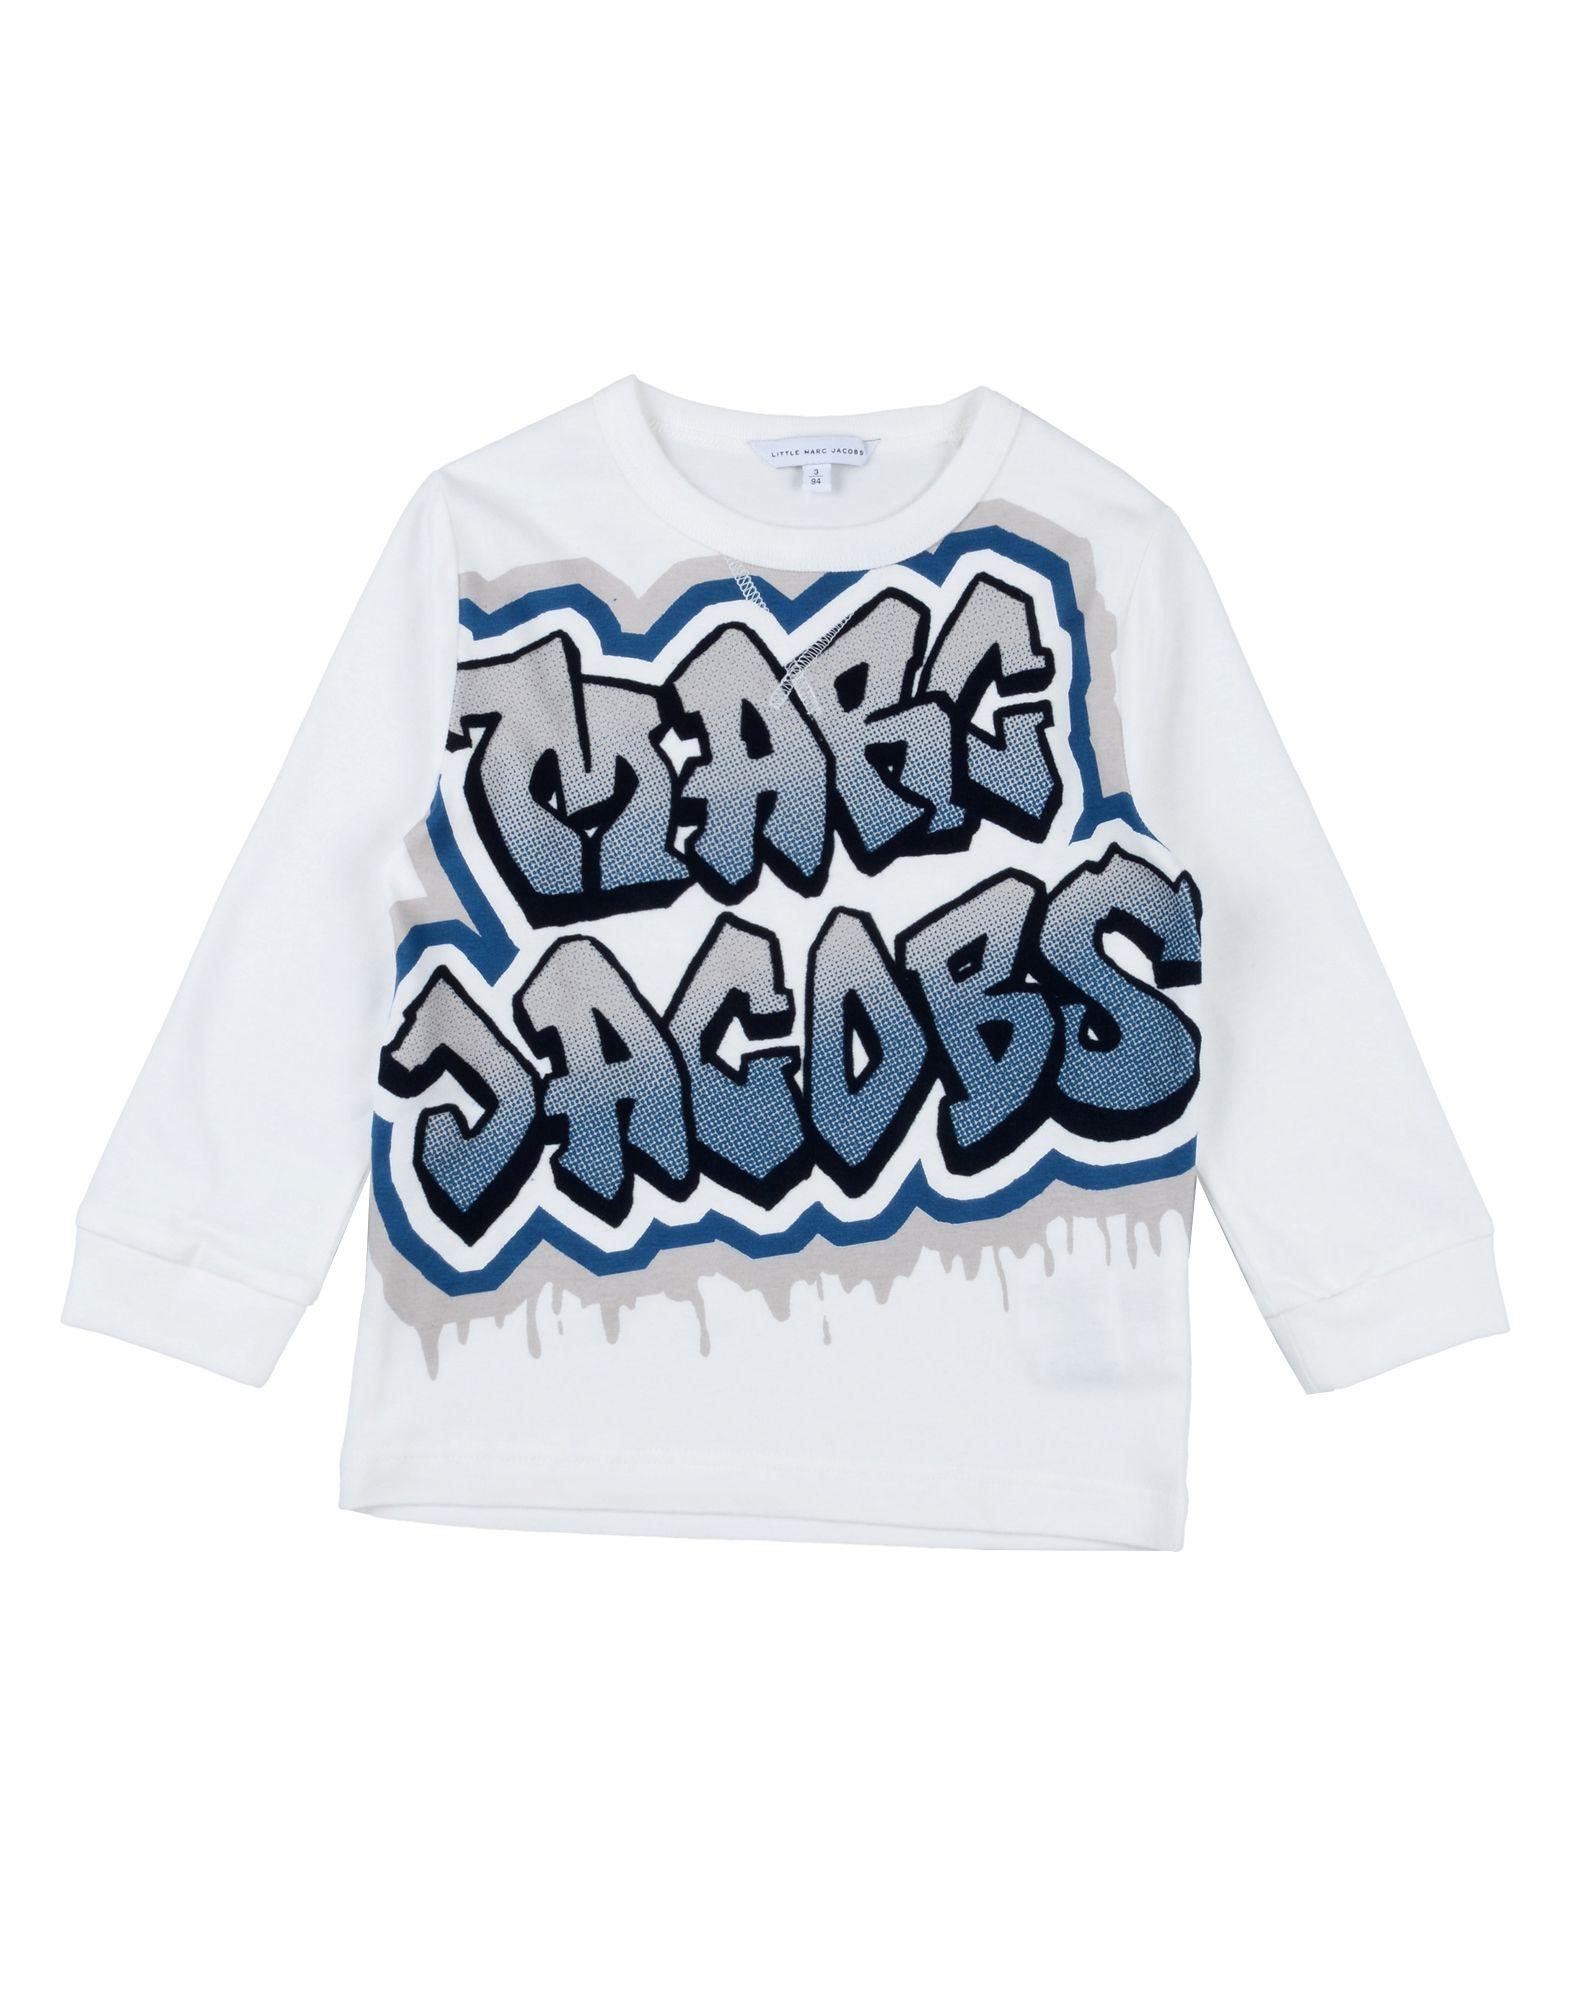 《送料無料》LITTLE MARC JACOBS ボーイズ 3-8 歳 T シャツ ホワイト 3 コットン 100%